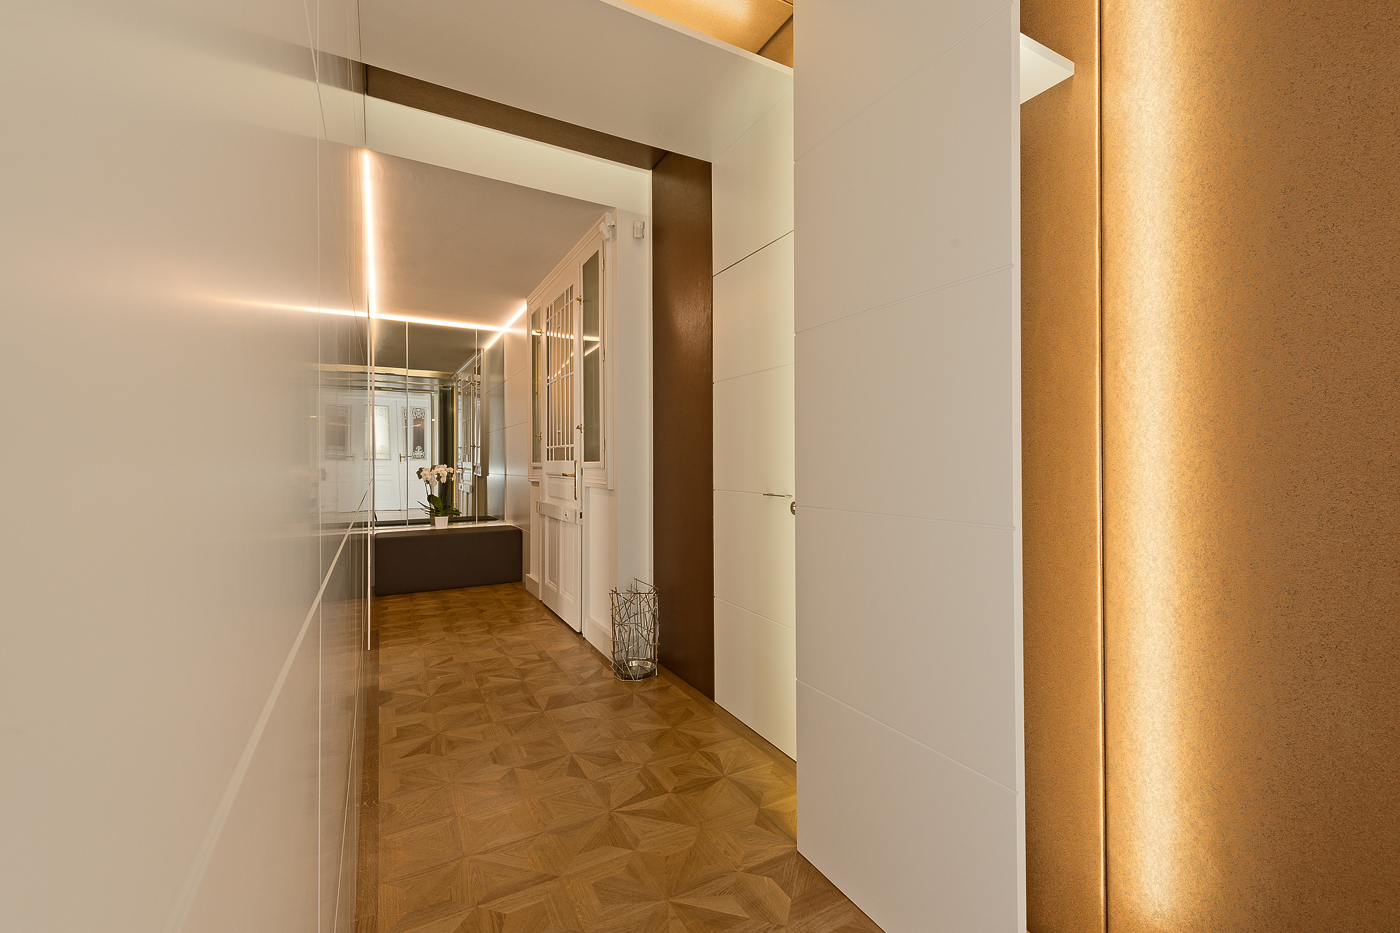 b ro am kohlmarkt liegler takeh architekten. Black Bedroom Furniture Sets. Home Design Ideas